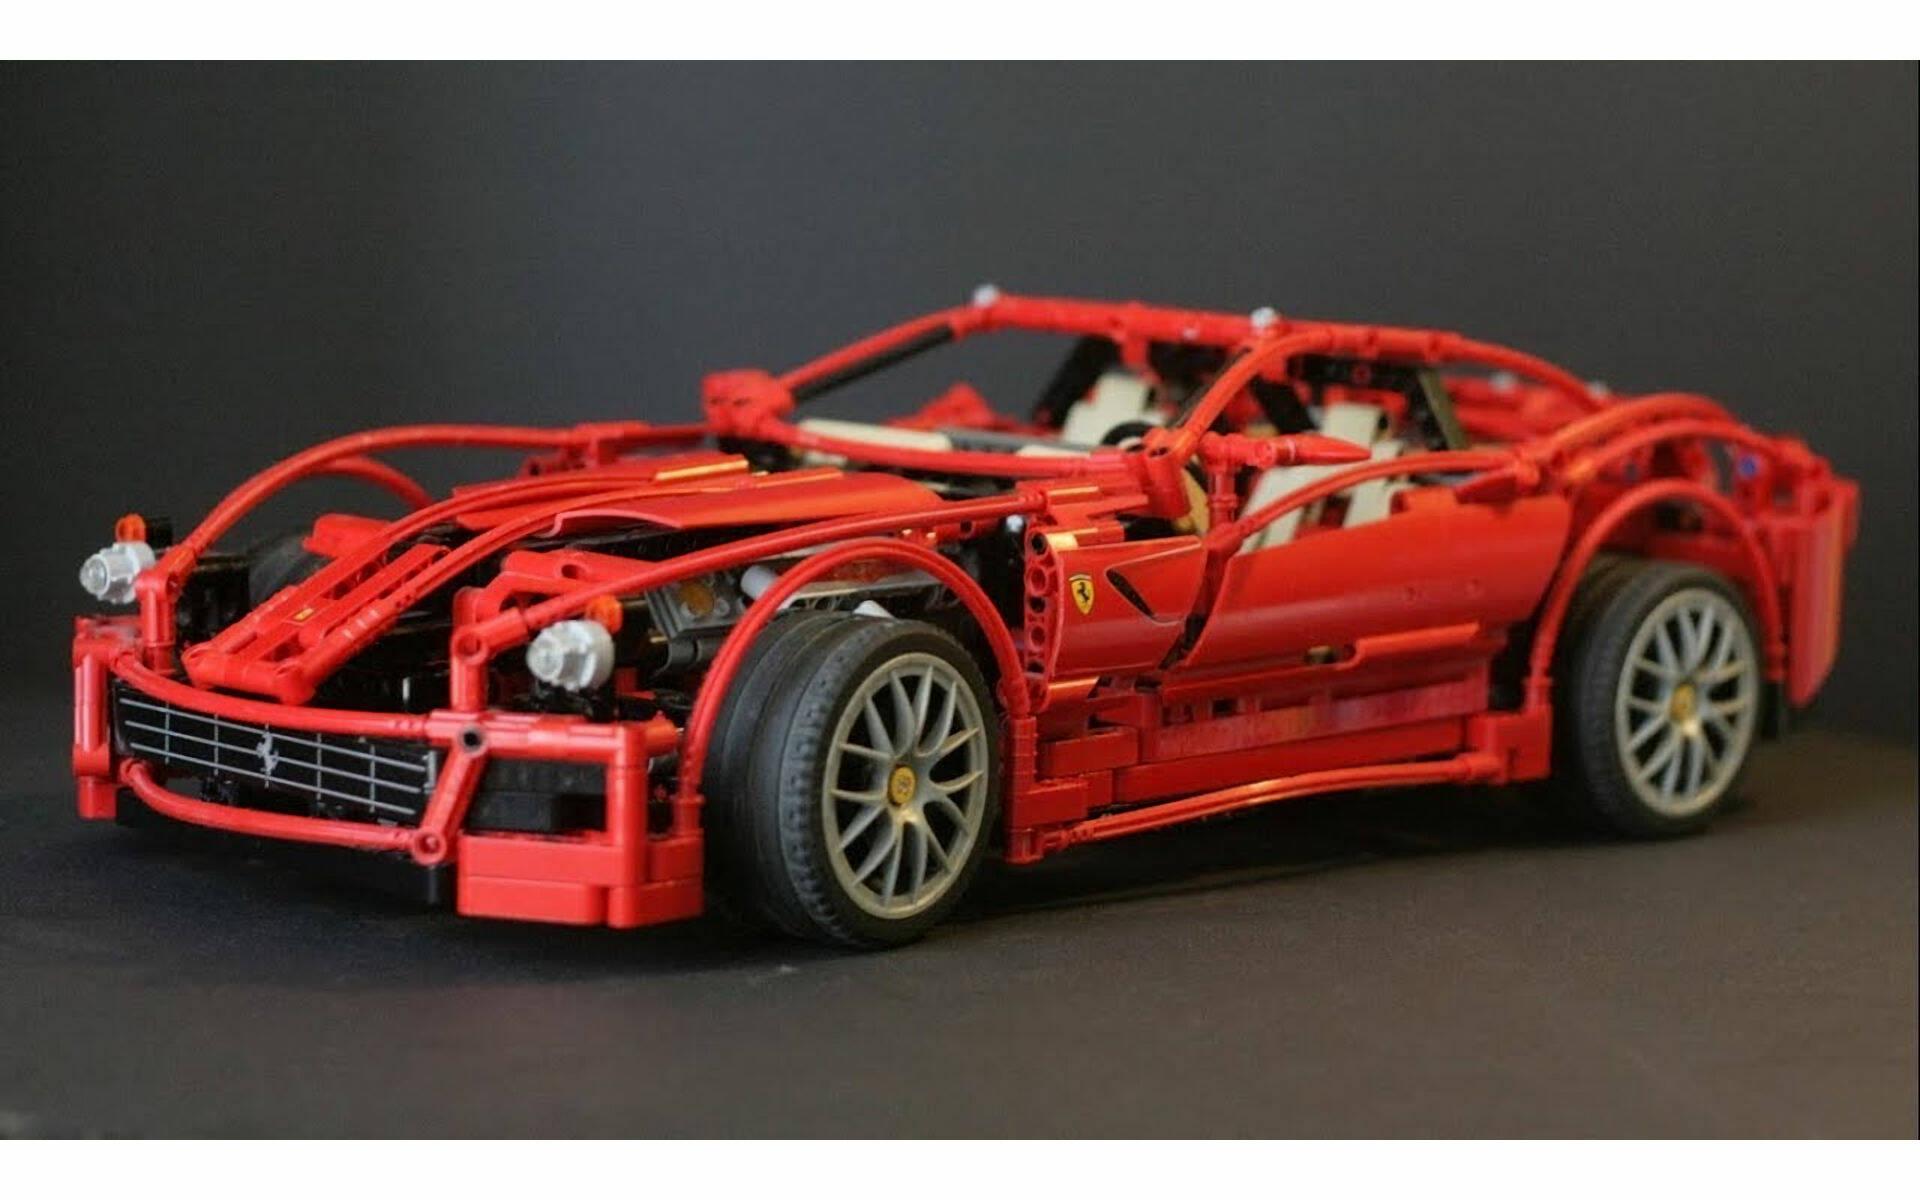 LEGOTECHNIC FERRARI 488 GTE